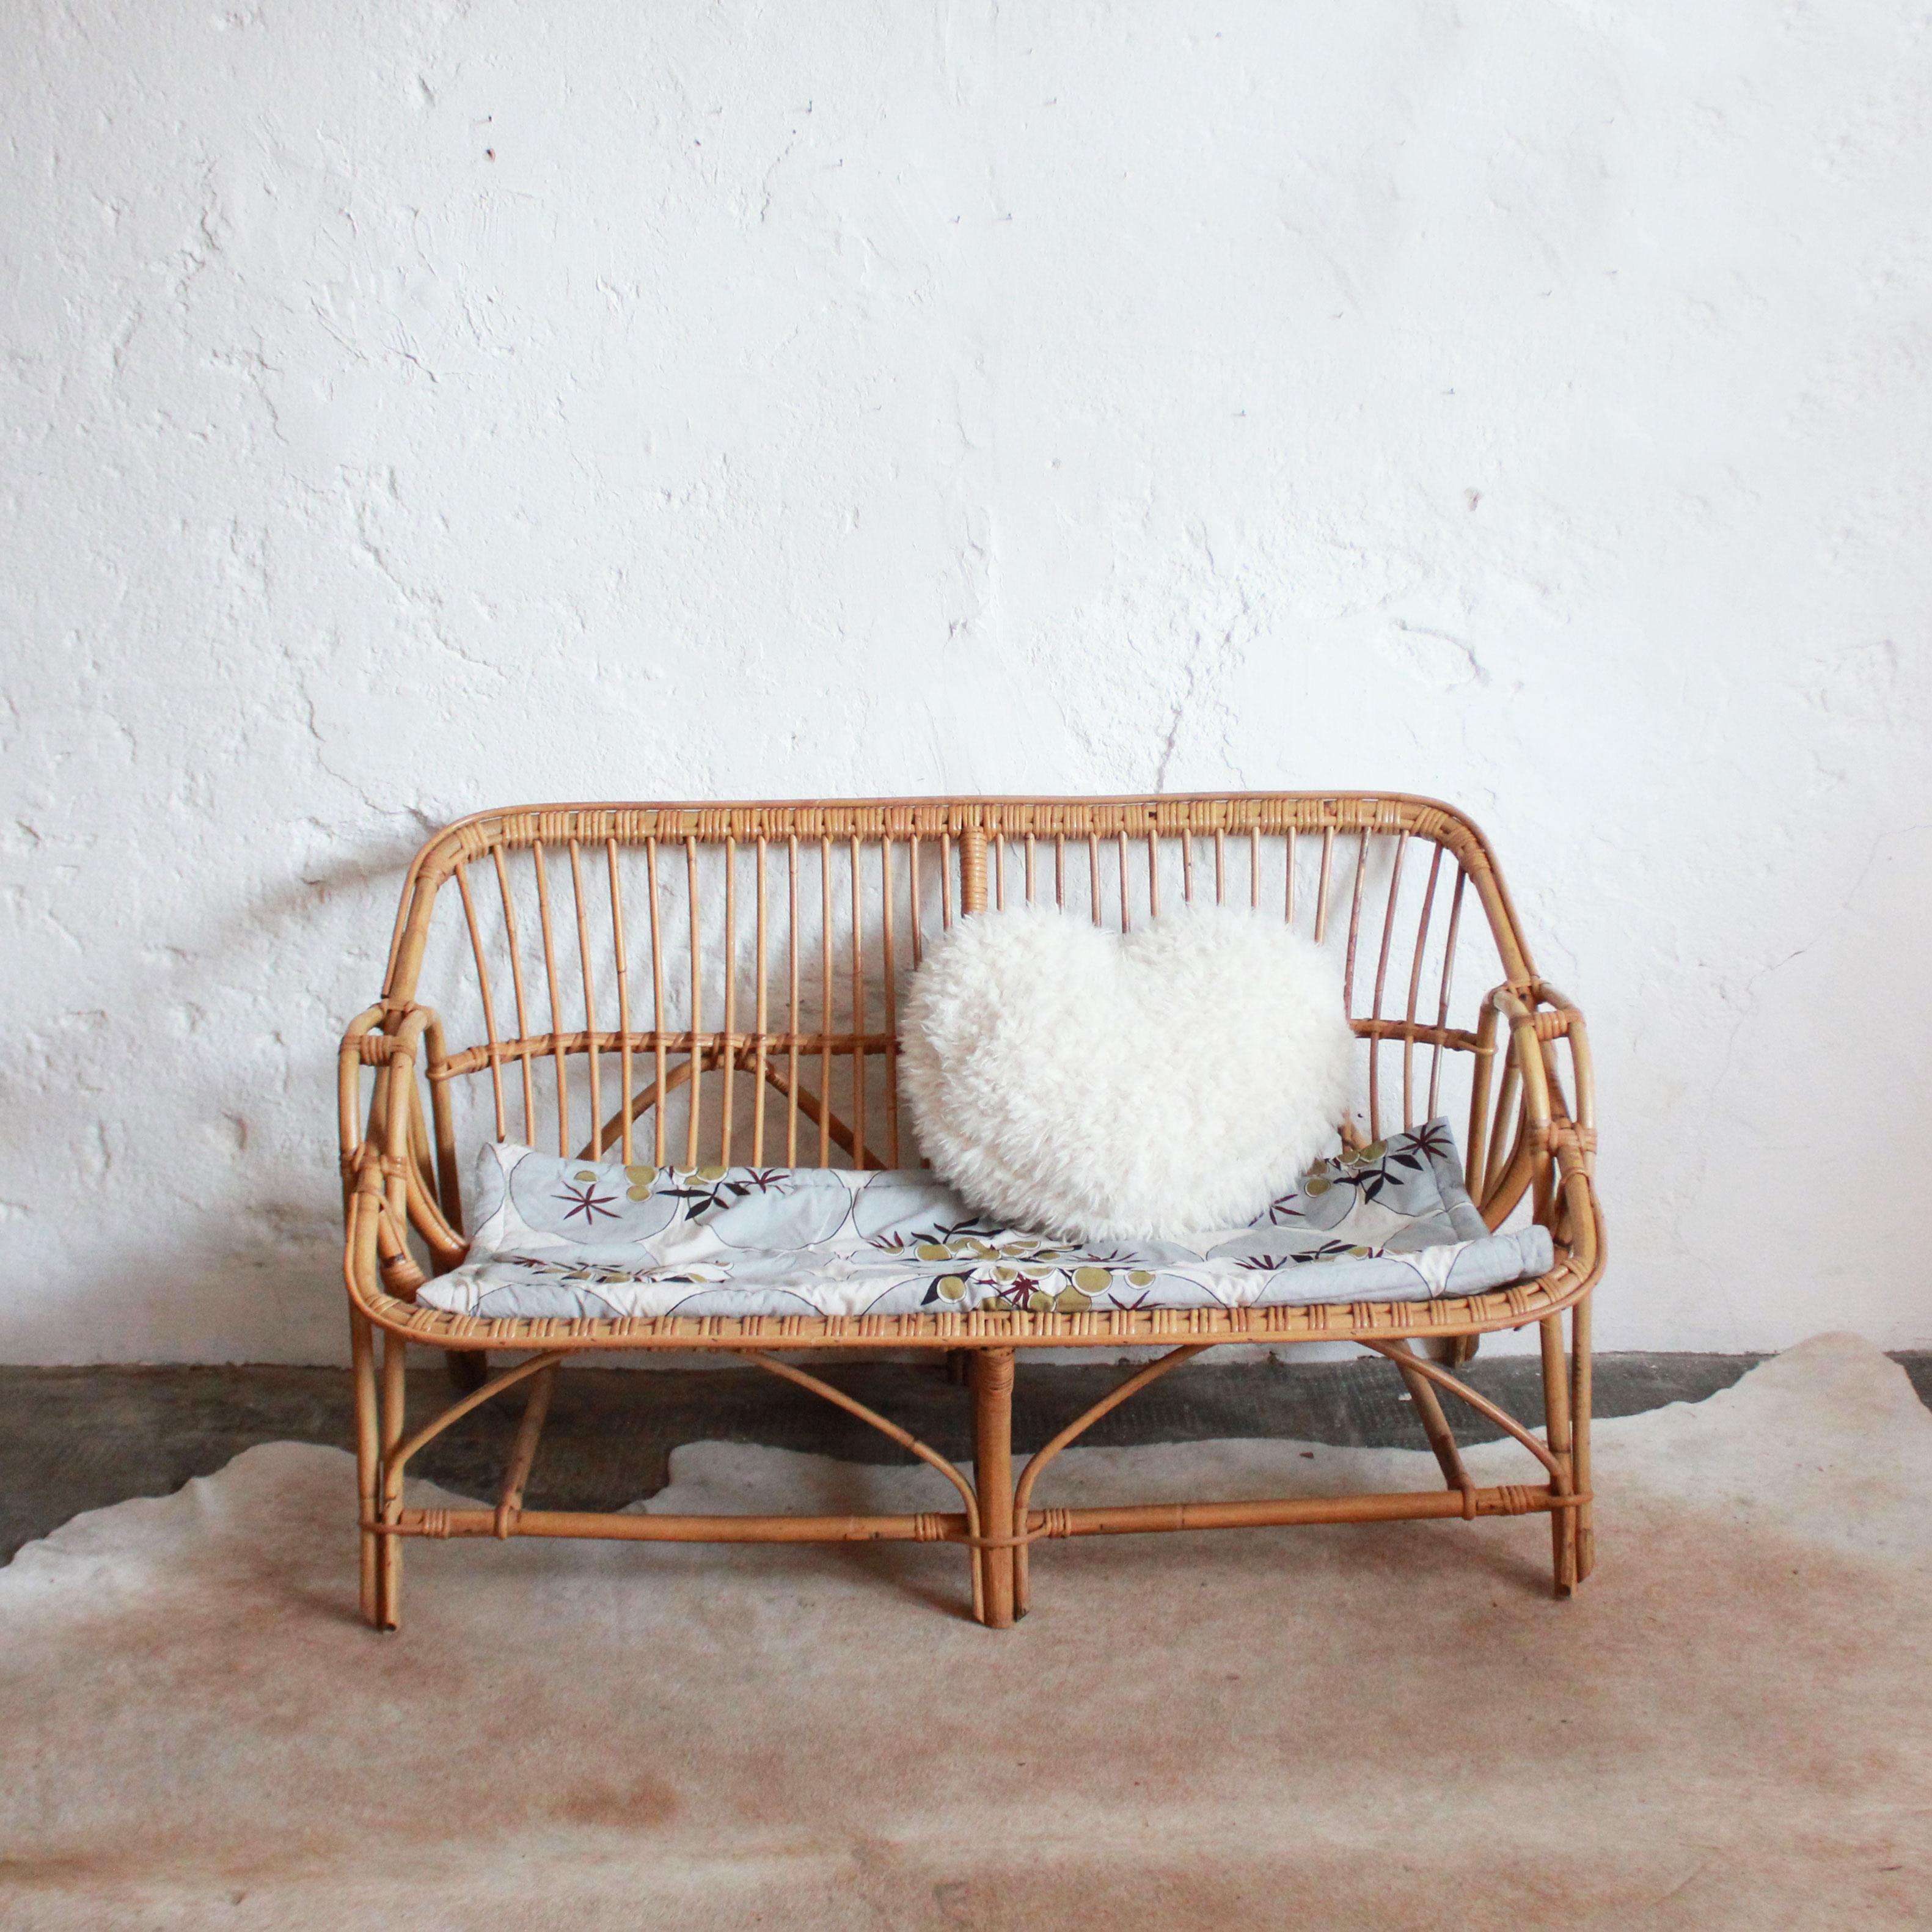 banquette canap en rotin atelier du petit parc. Black Bedroom Furniture Sets. Home Design Ideas